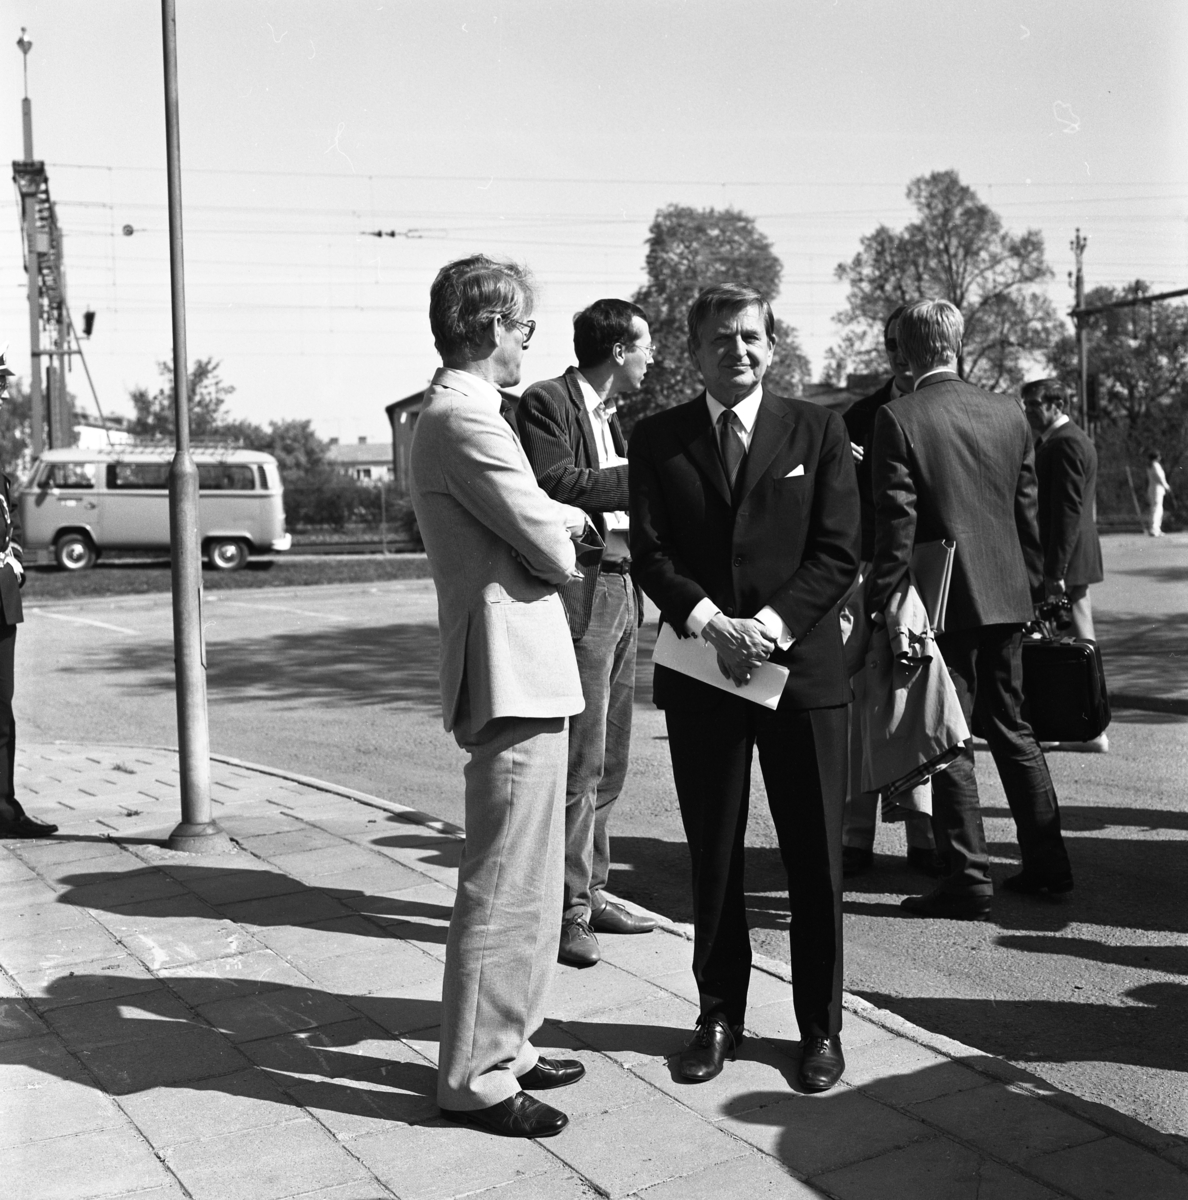 Riksdagsjubileet 1985. Statsminister Olof Palme och vice statsminister Ingvar Carlsson, har anlänt till Arboga för att delta i firandet av Sveriges första riksdag, 550 år.